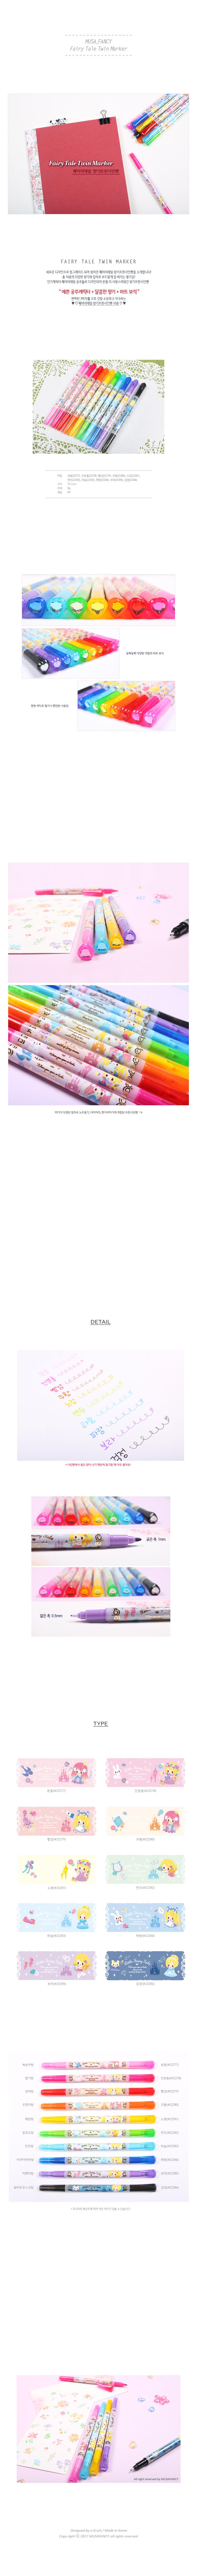 페어리테일 향기트윈사인펜 - 마사팬시, 1,300원, 수성/중성펜, 심플 펜